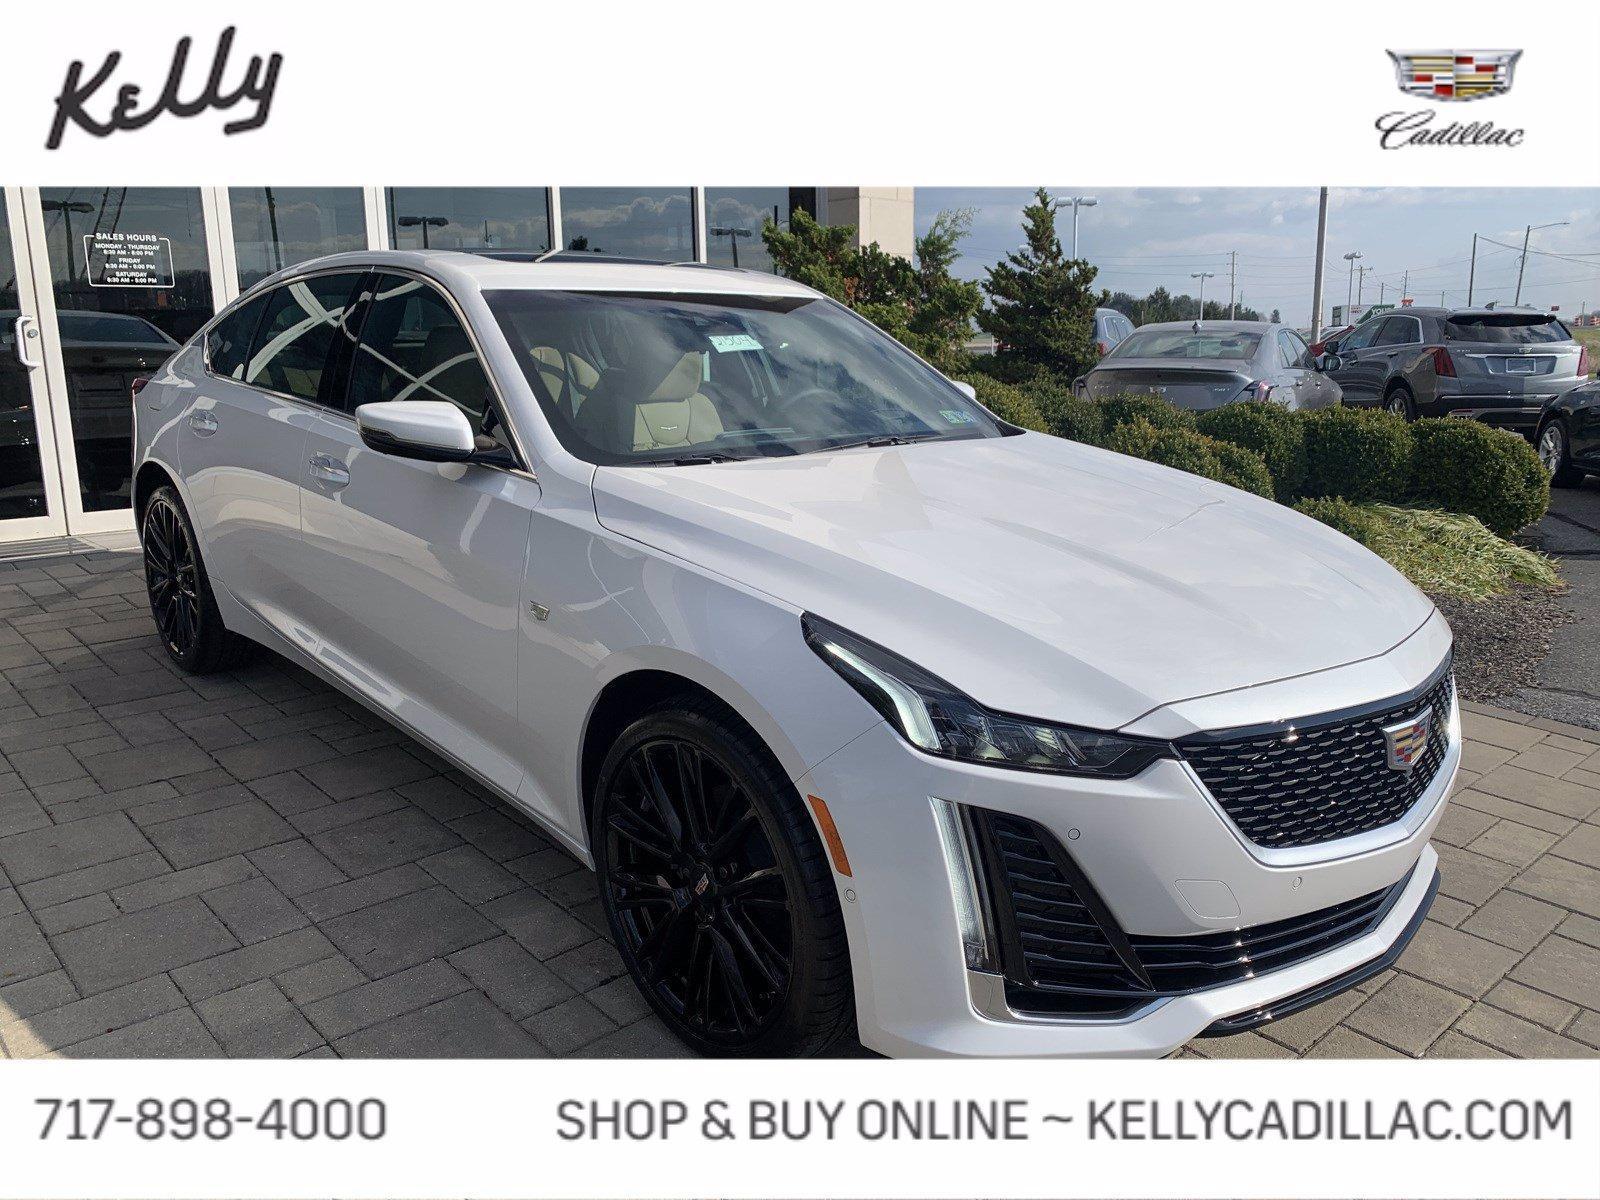 used 2021 Cadillac CT5 car, priced at $58,755